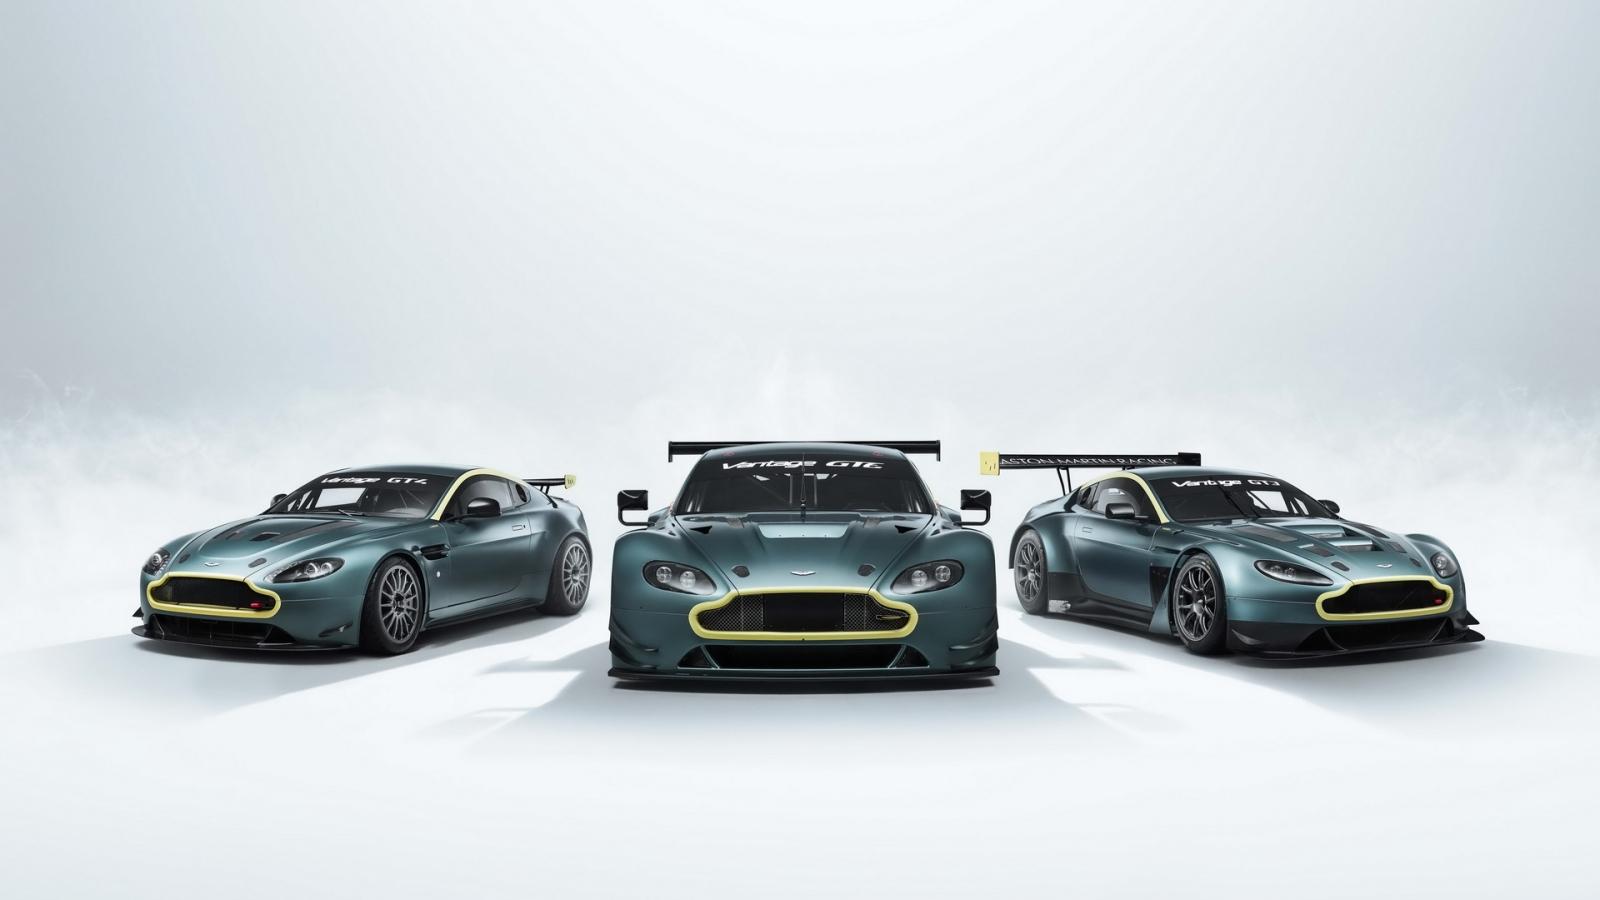 Aston Martin ra mắt bộ sưu tập ba chiếc Vantage bản đua